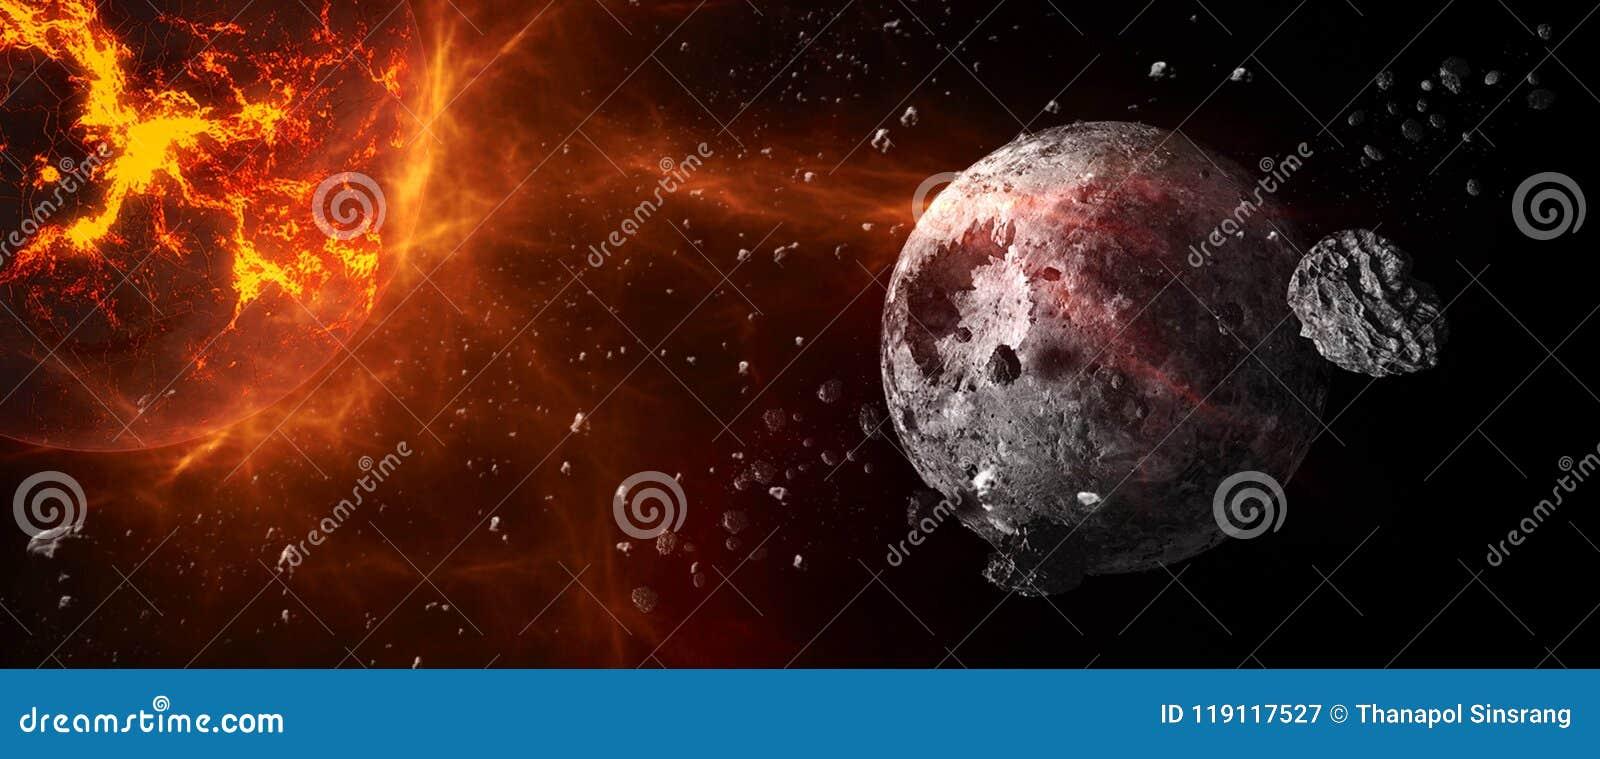 行星和星系,科幻墙纸 外层空间秀丽